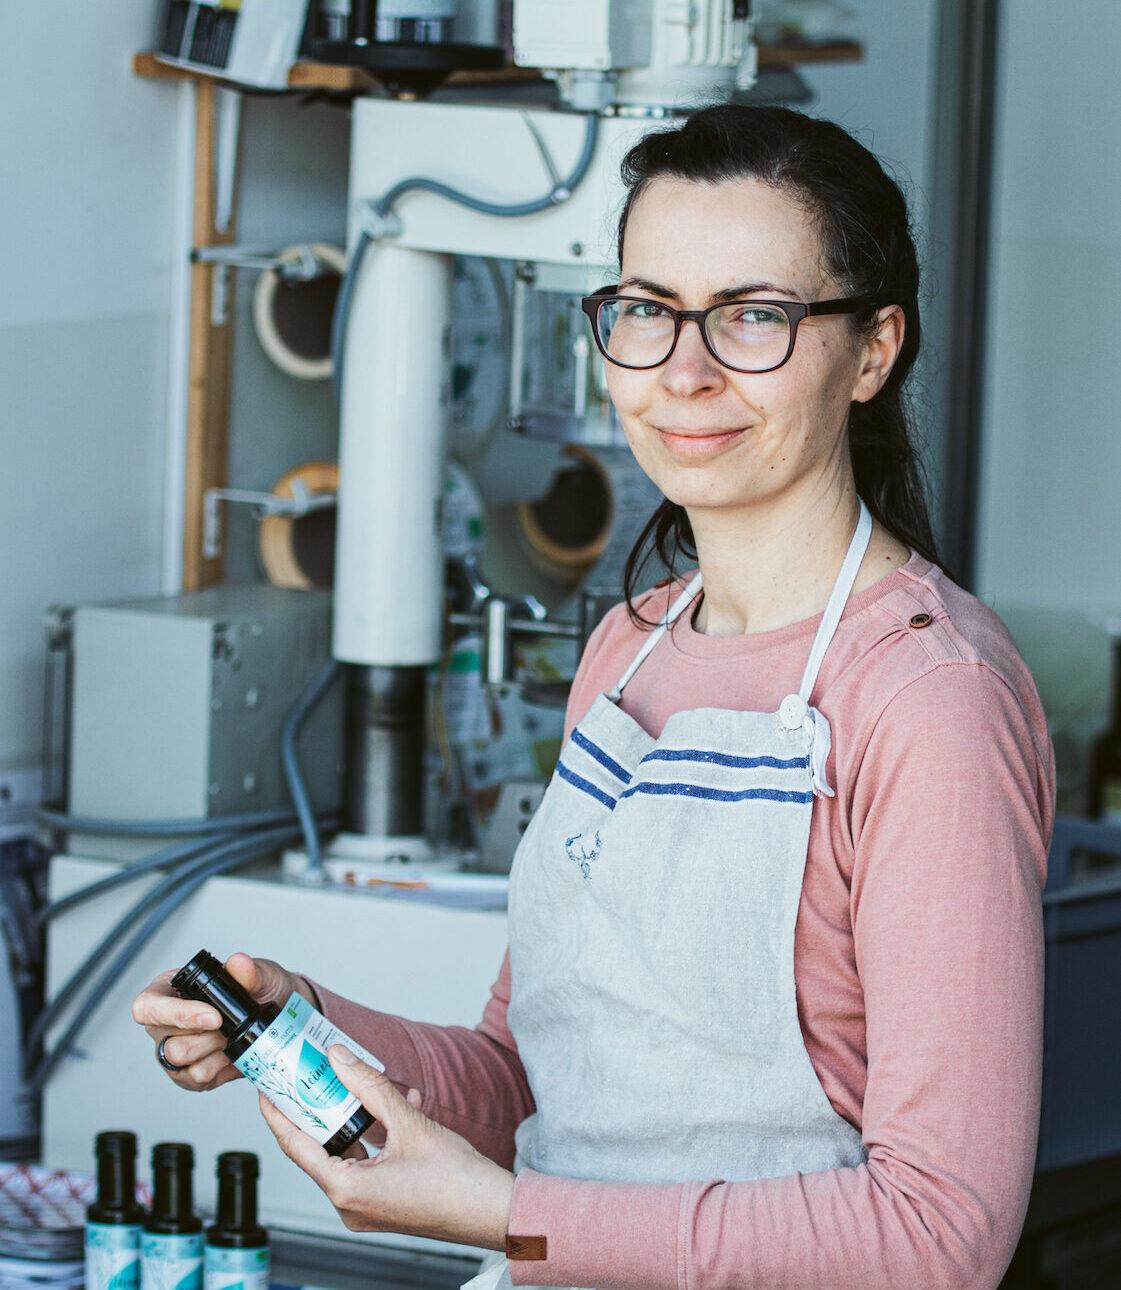 Inhaber Frau zeigt die Produktion von Ölen